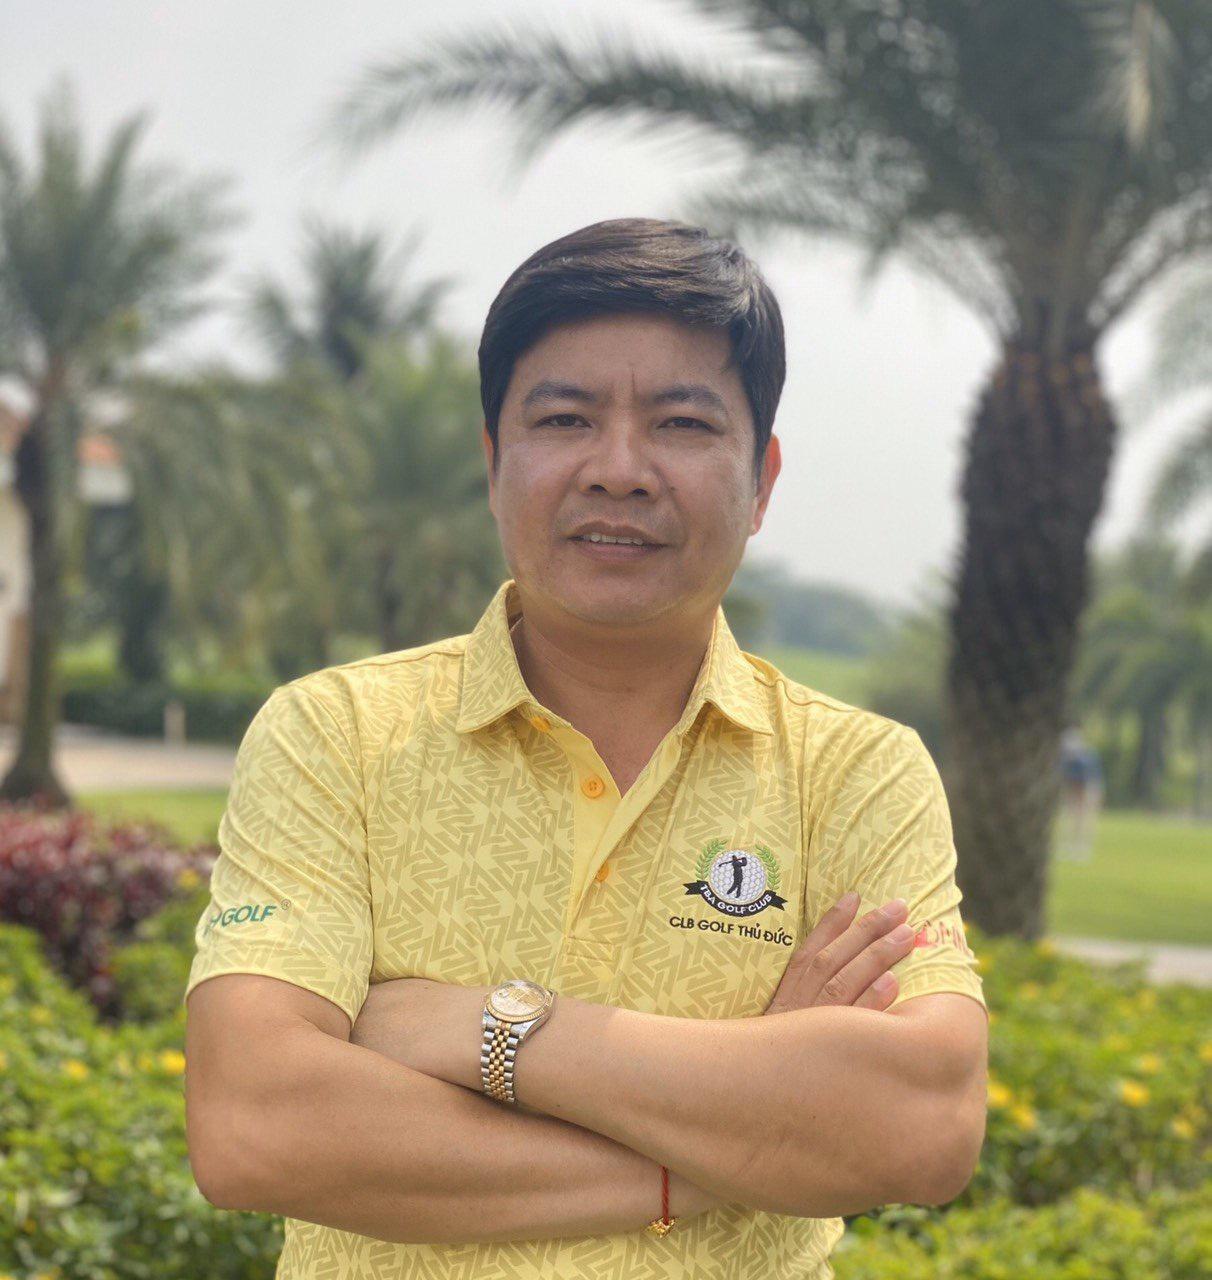 Ông Trần Thanh Tùng - Chủ nhiệm CLB Golf Thủ Đức - Giám đốc Công ty TNHH TM SX Xuất Nhập Khẩu Tùng Mai